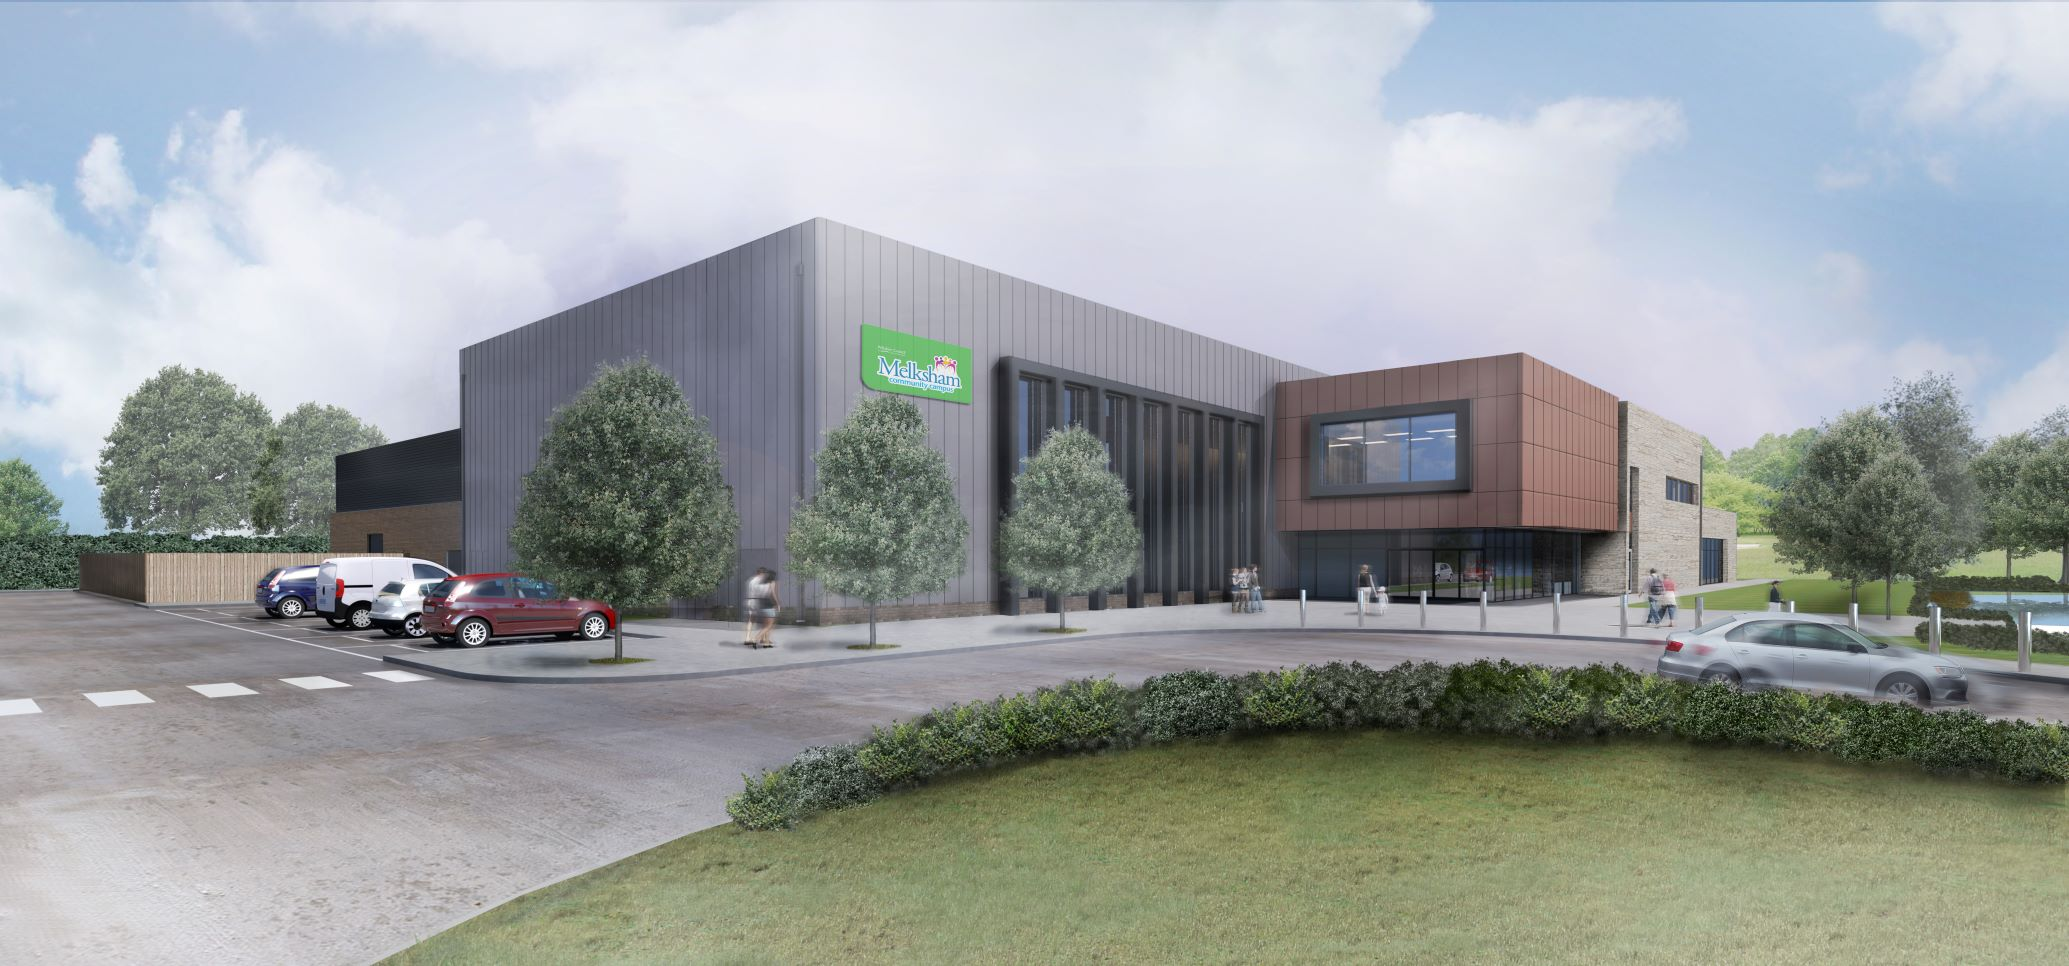 Work starts on Melksham Community Campus